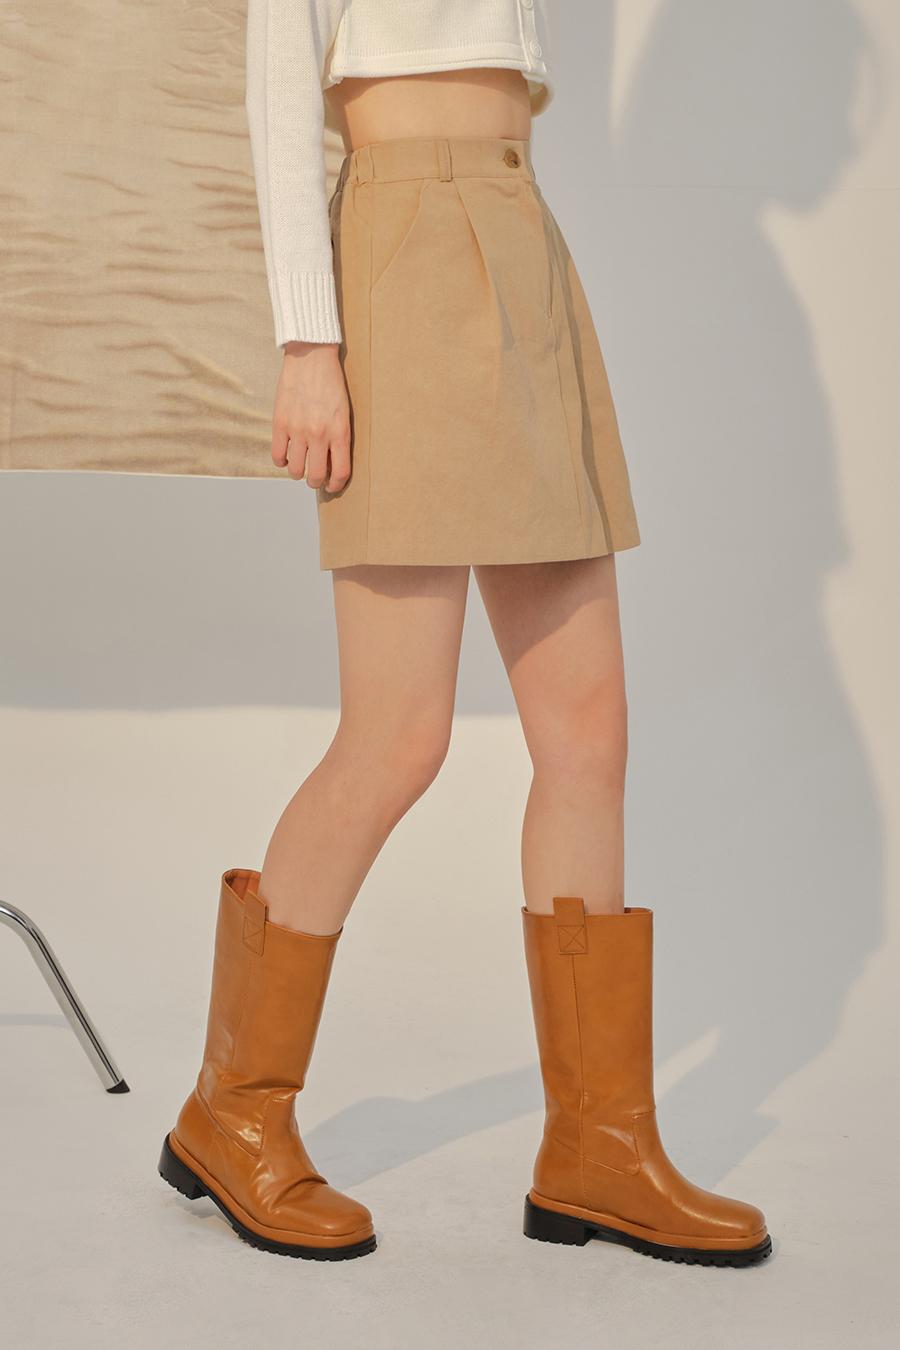 신발 모델 착용 이미지-S1L35